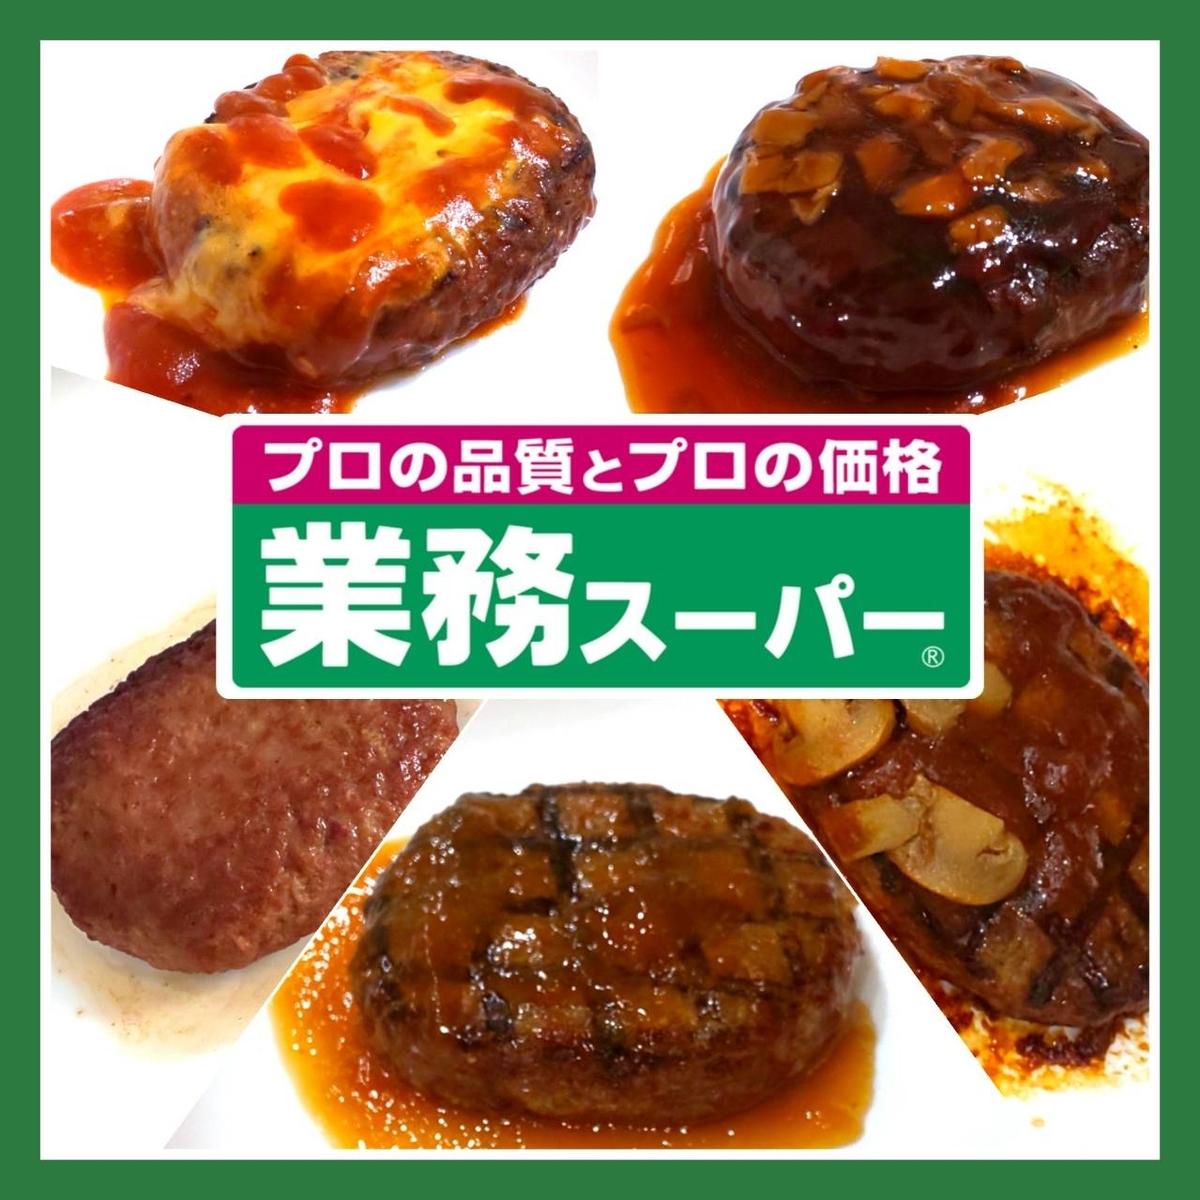 業務スーパー  冷凍食品 ハンバーグ5種類 レビューLIFE